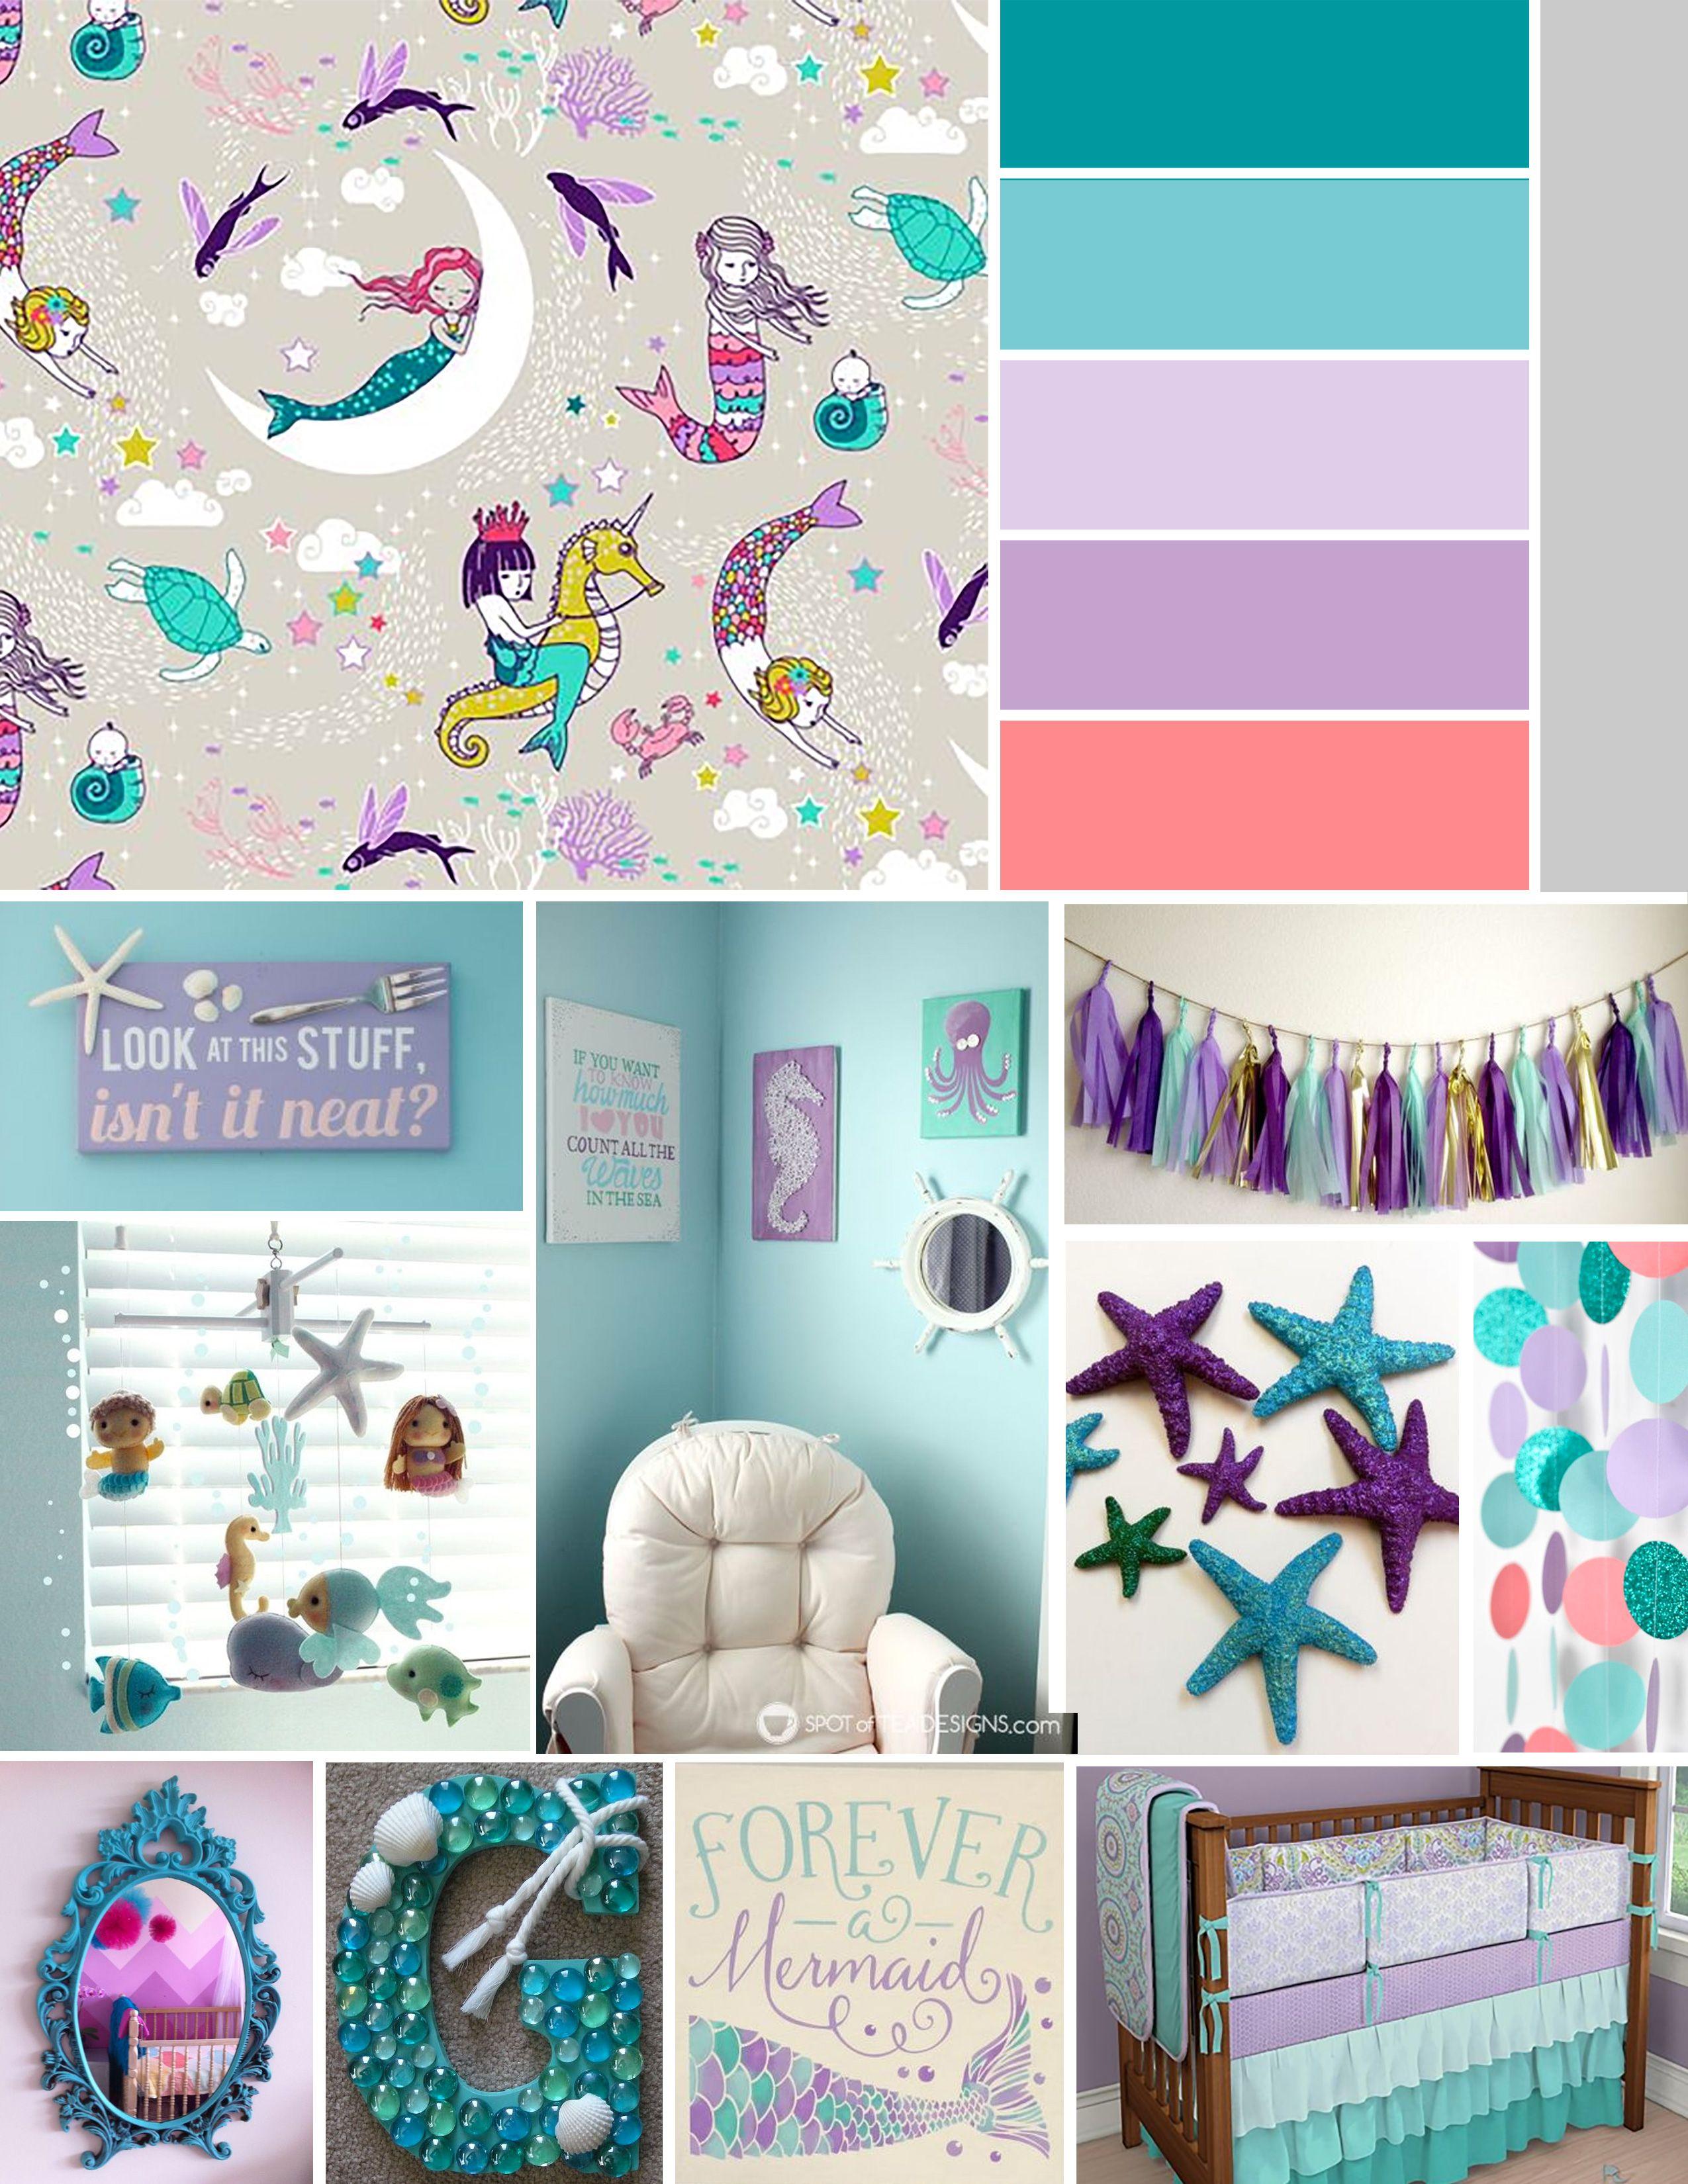 Colores habitaci n invitados for the home pinterest - Habitacion de invitados ...